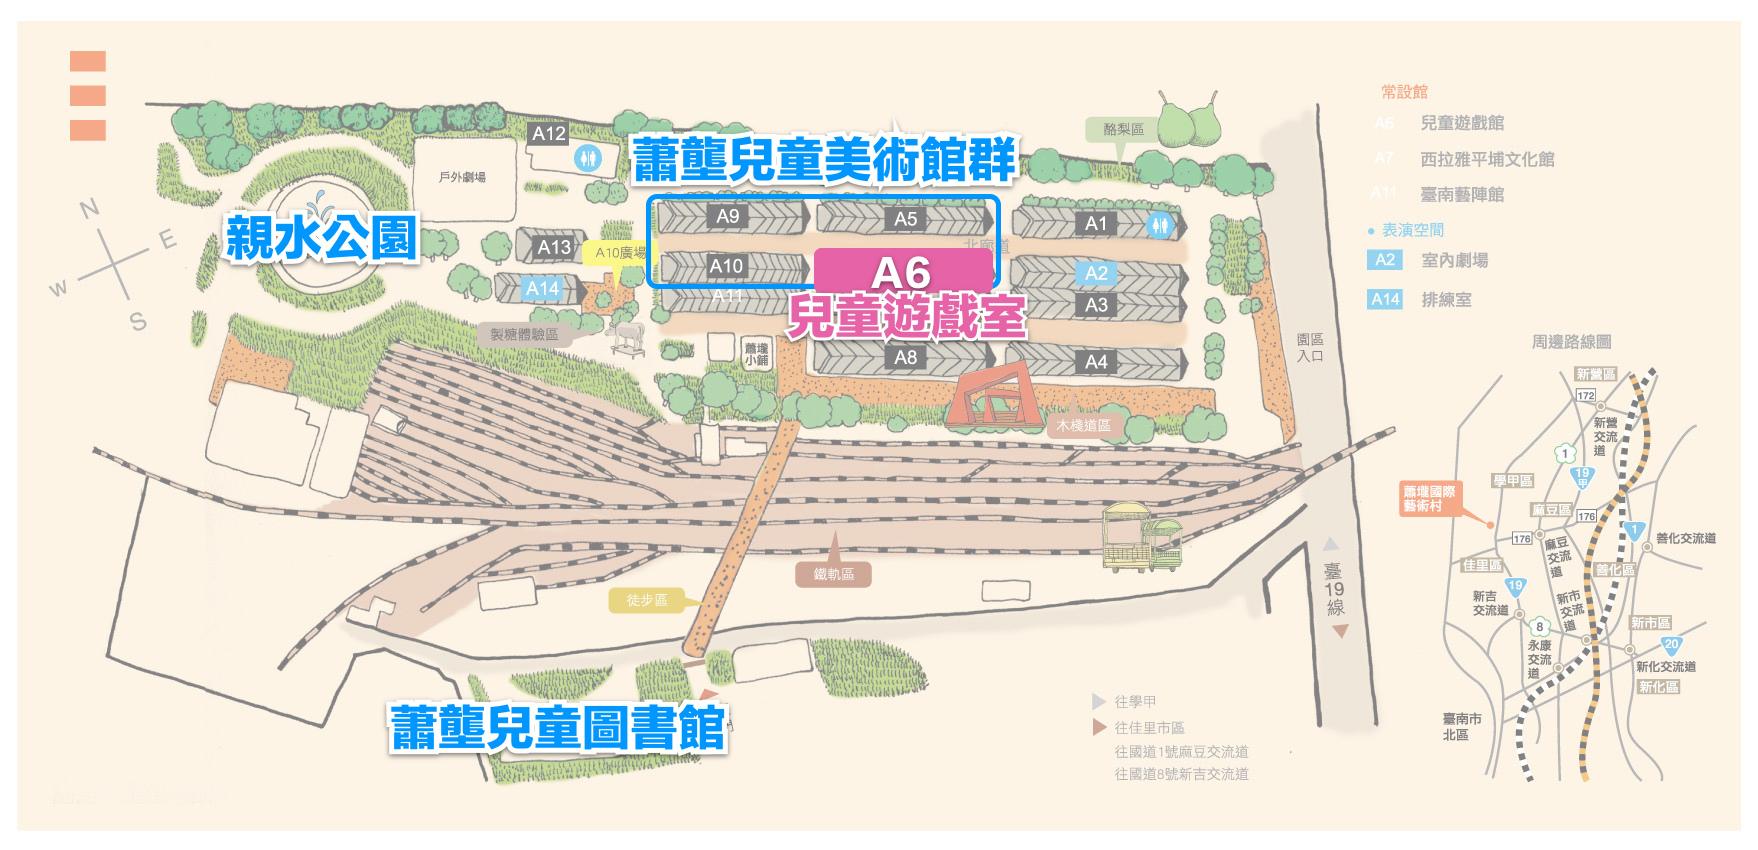 2019-0609-蕭壟文化園區-37